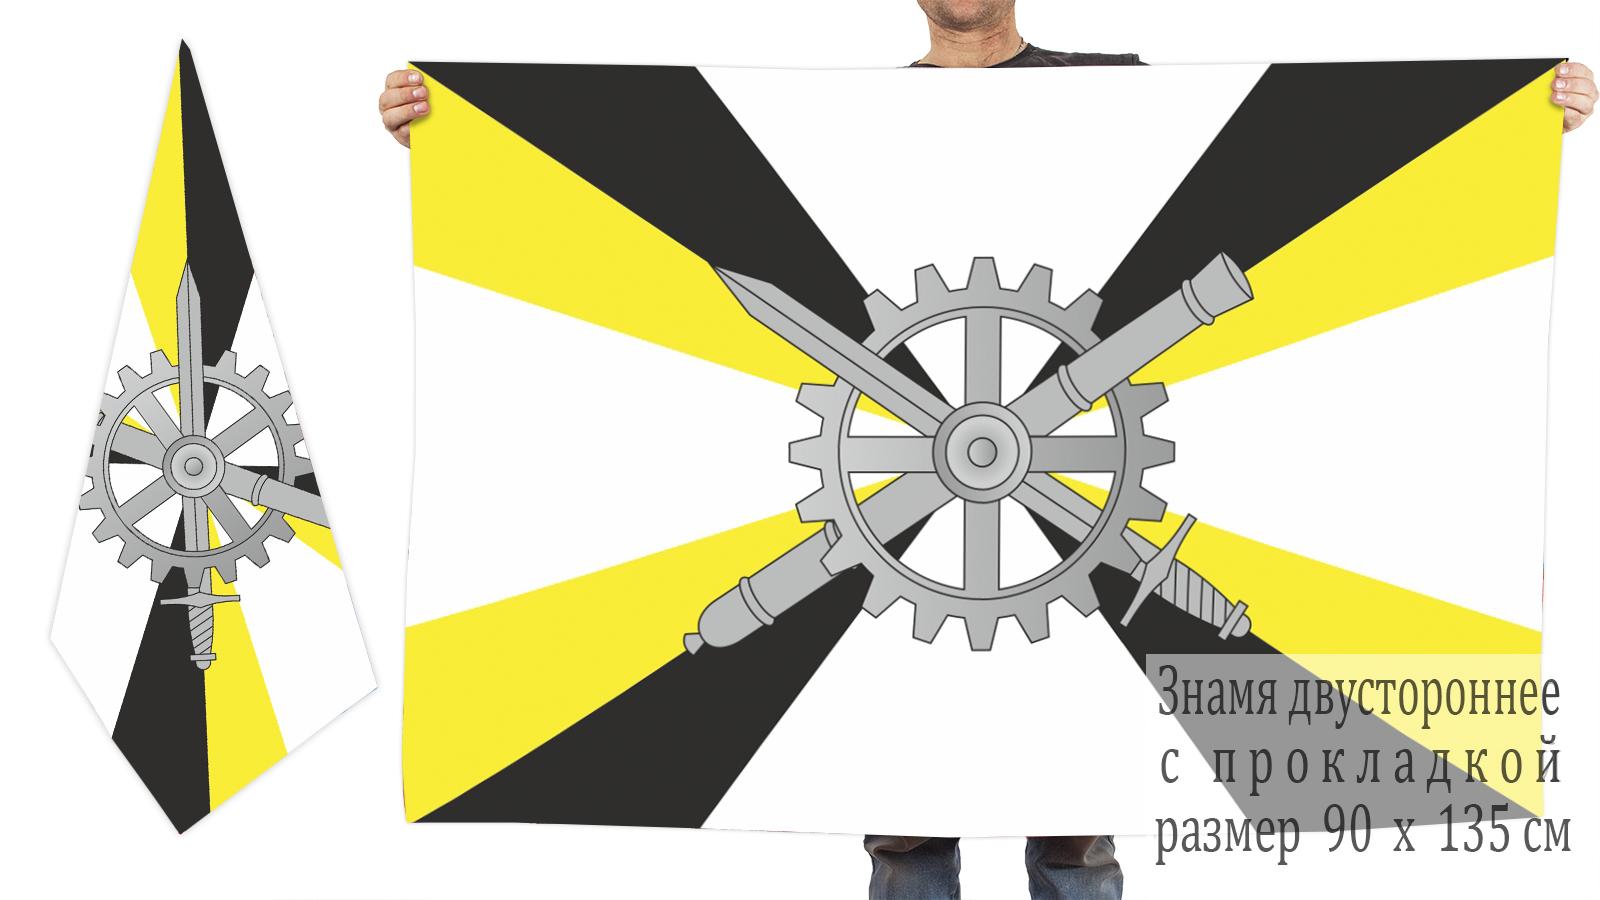 Двусторонний флаг соединений и воинских частей технического обеспечения МО РФ